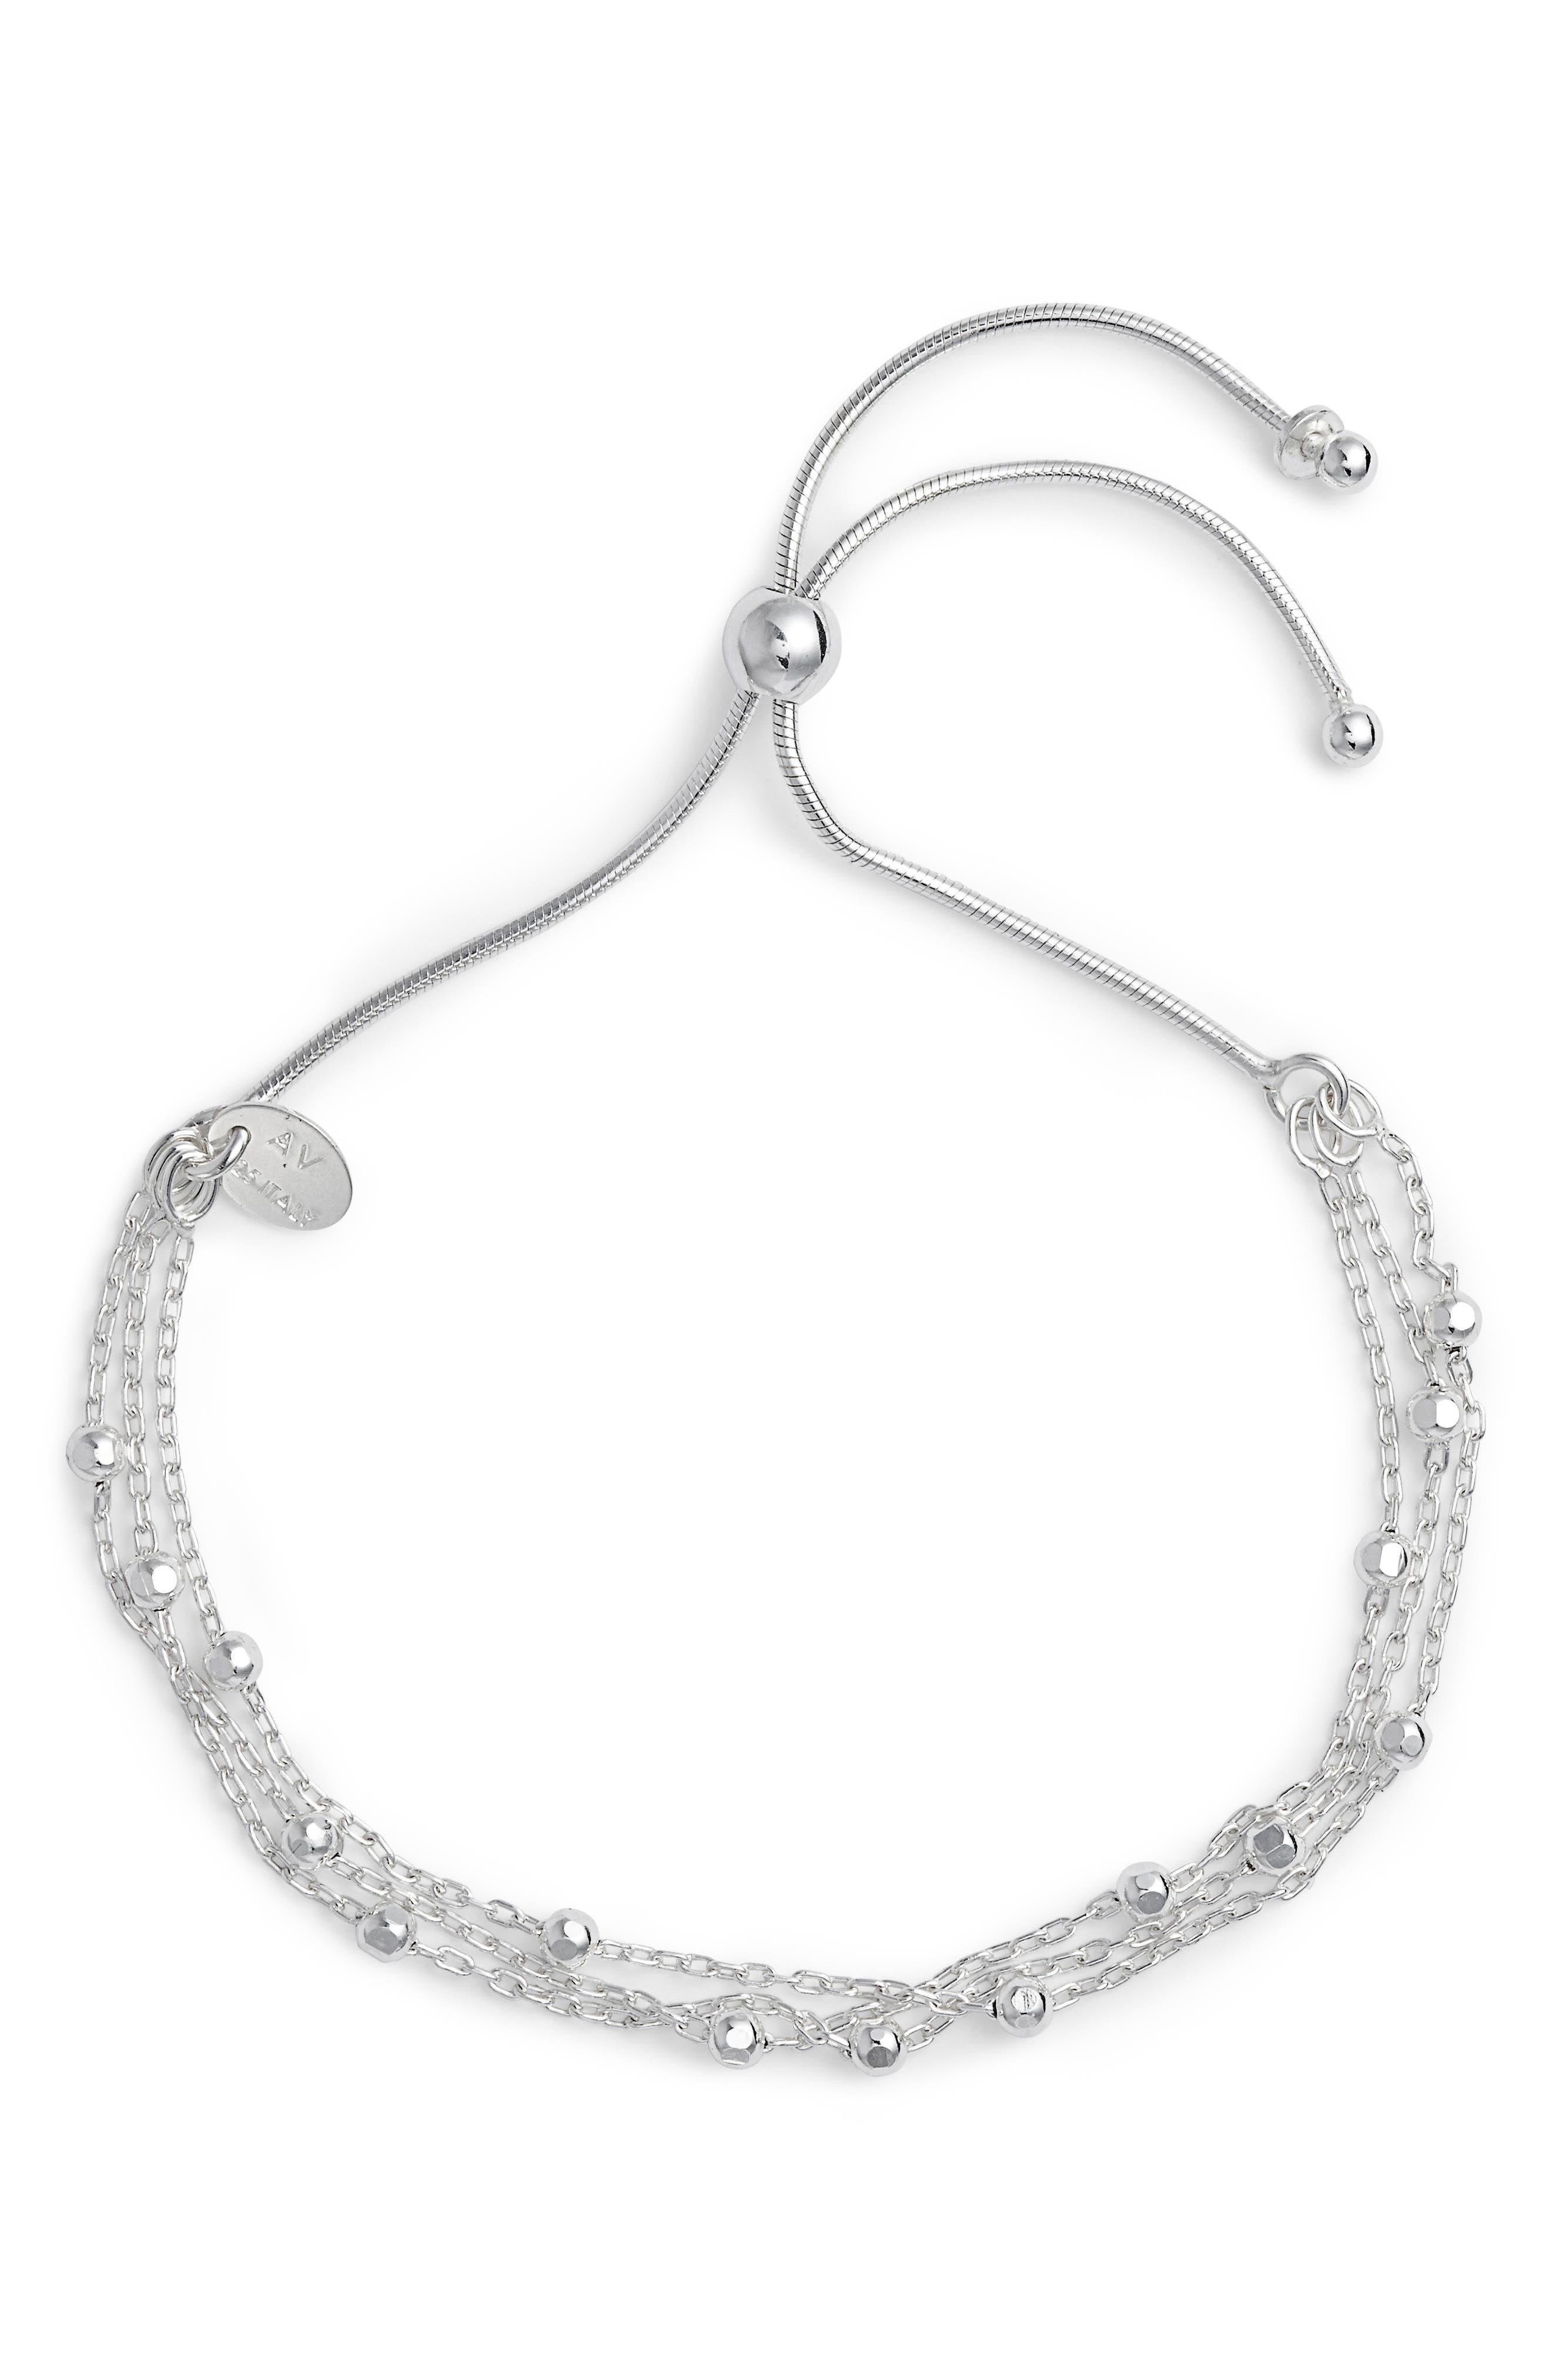 Argento Vivo Beaded Chain Bracelet